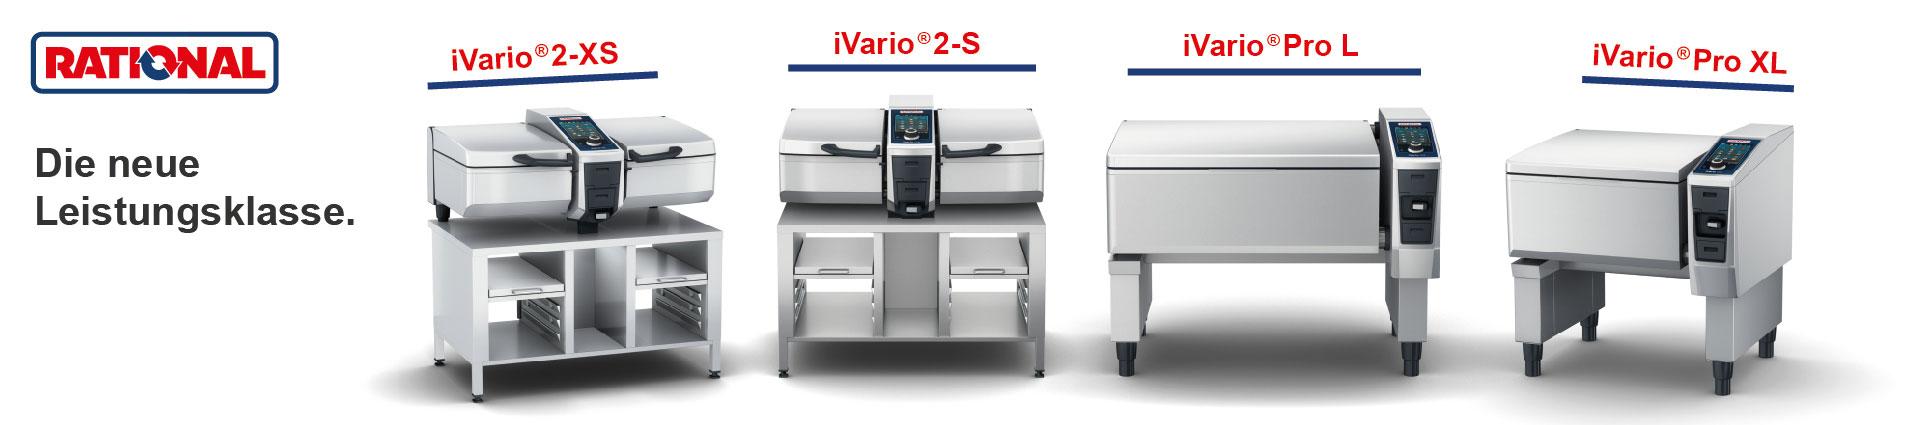 Rationl iVario Kategoriebanner